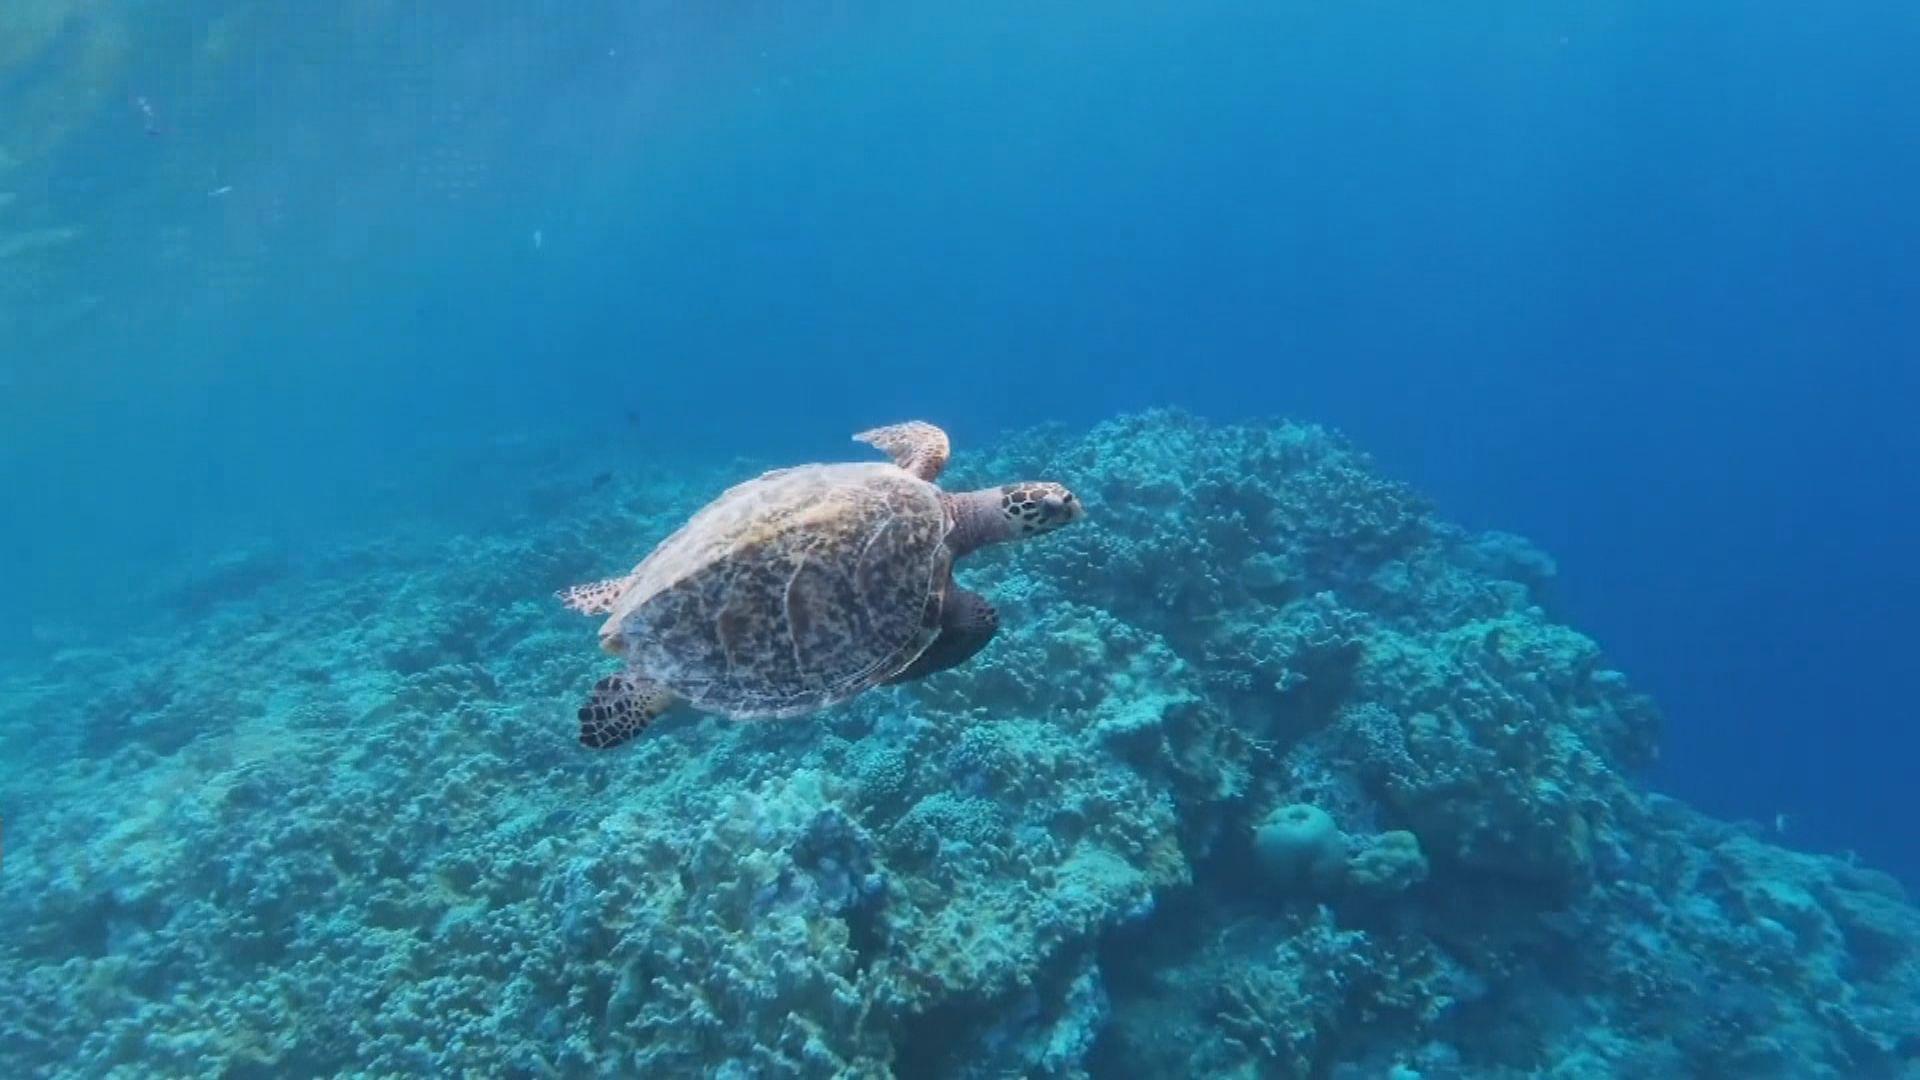 【環球薈報】研究顯示海洋酸化可致海洋生物滅絕